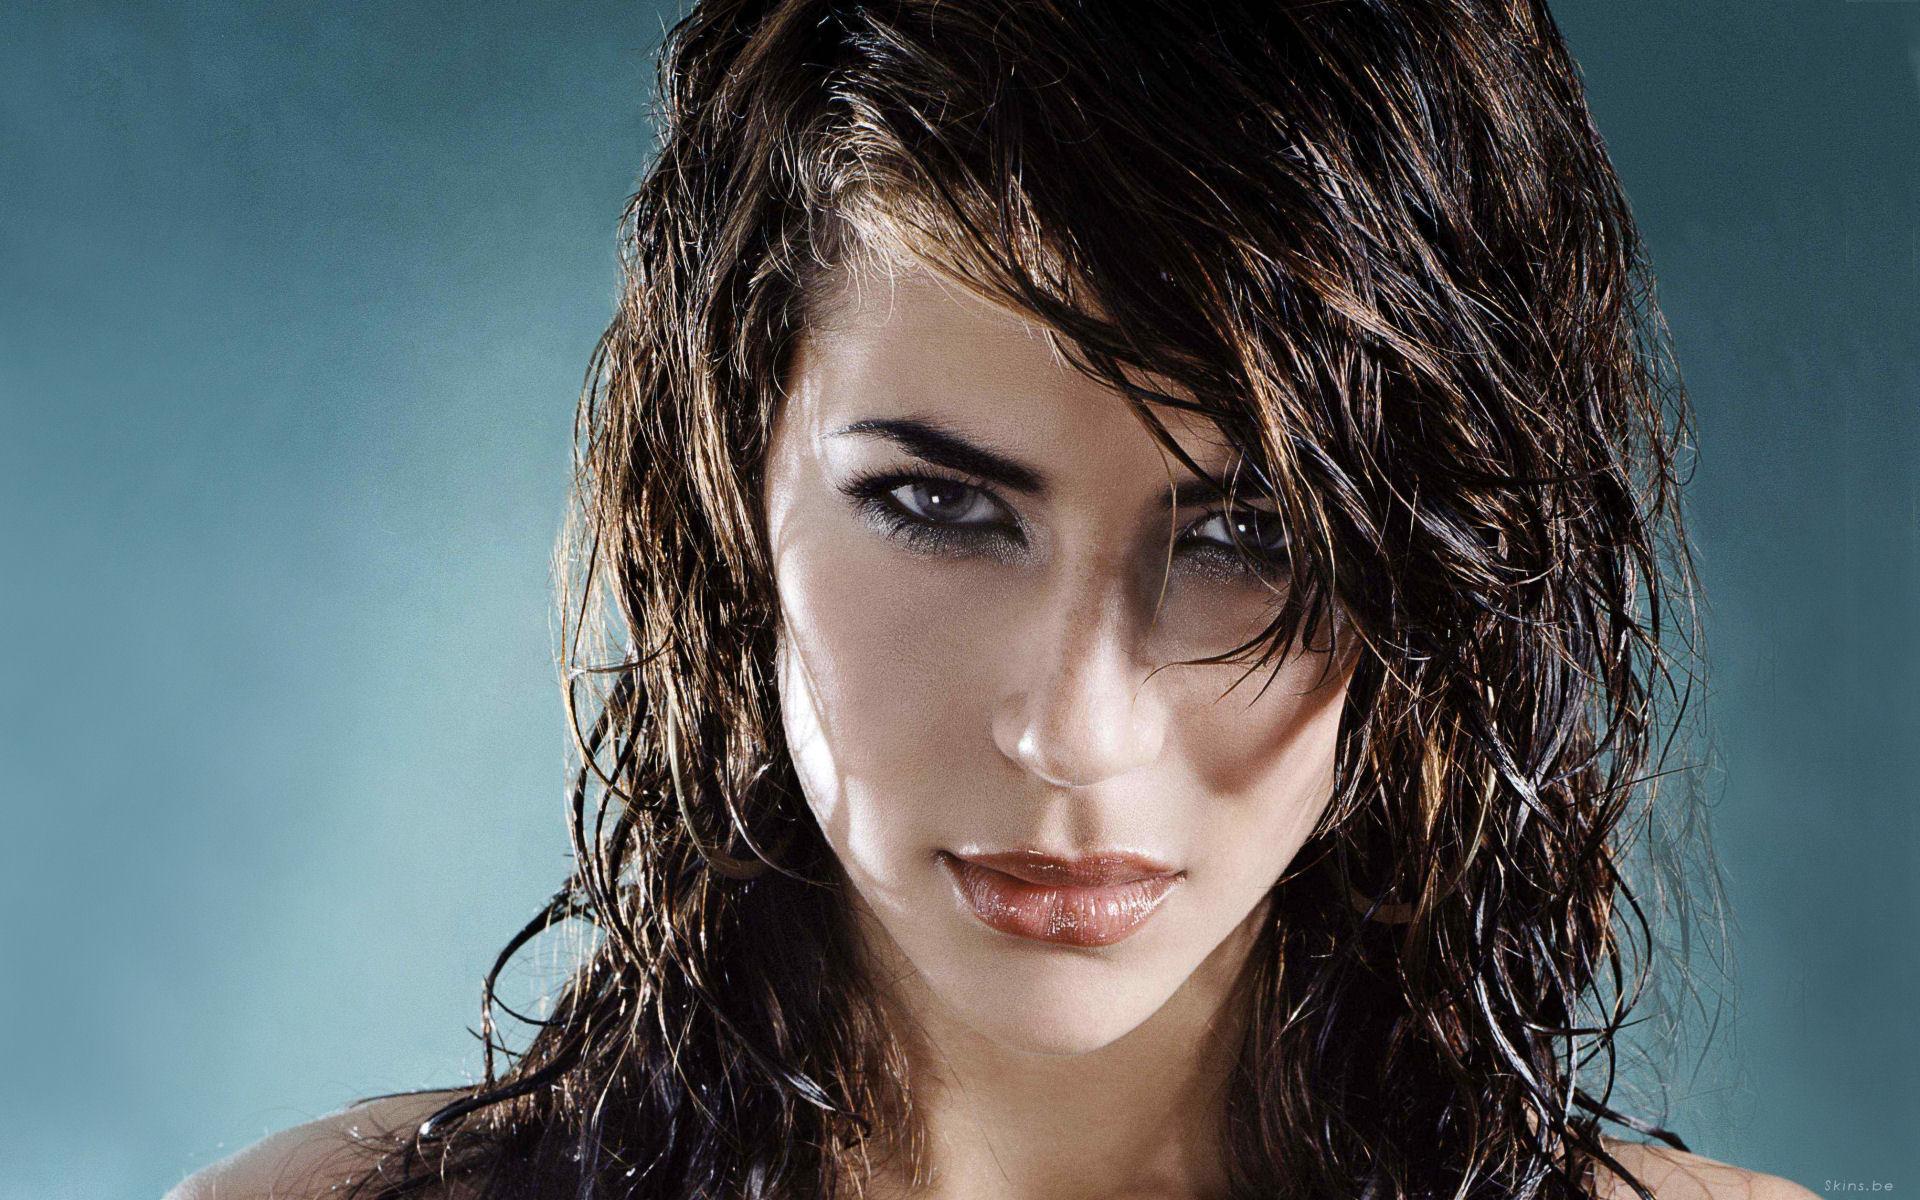 Как сделать фото с мокрыми волосами